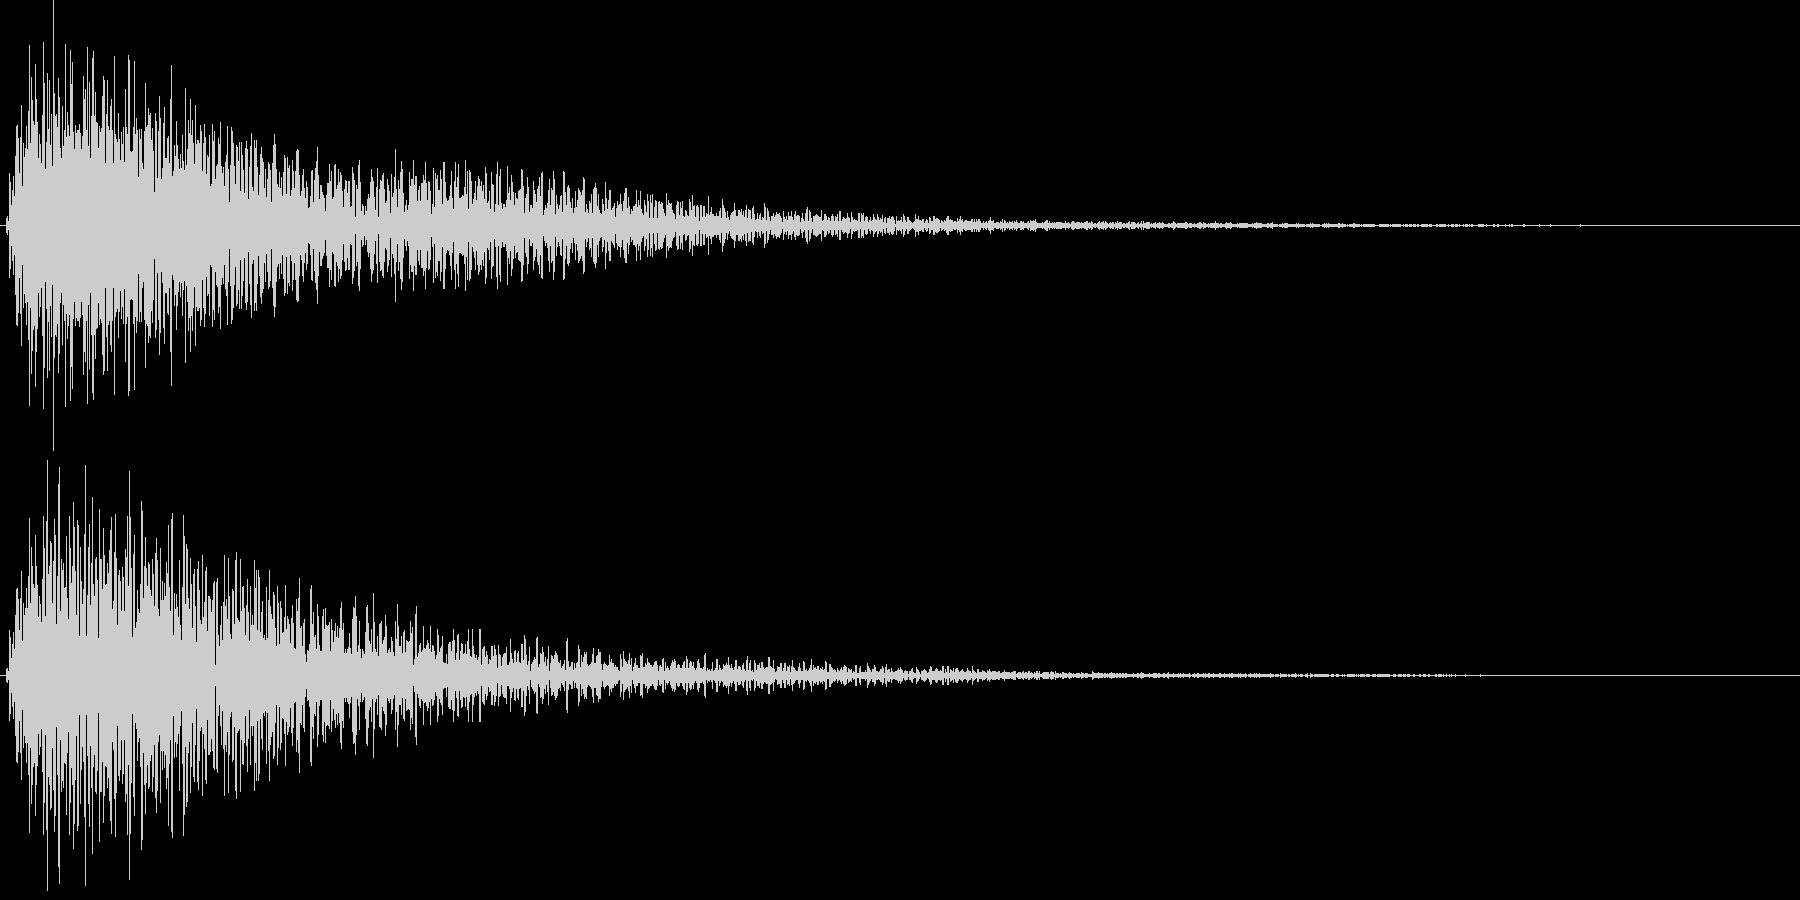 電子音_選択未決定音の未再生の波形